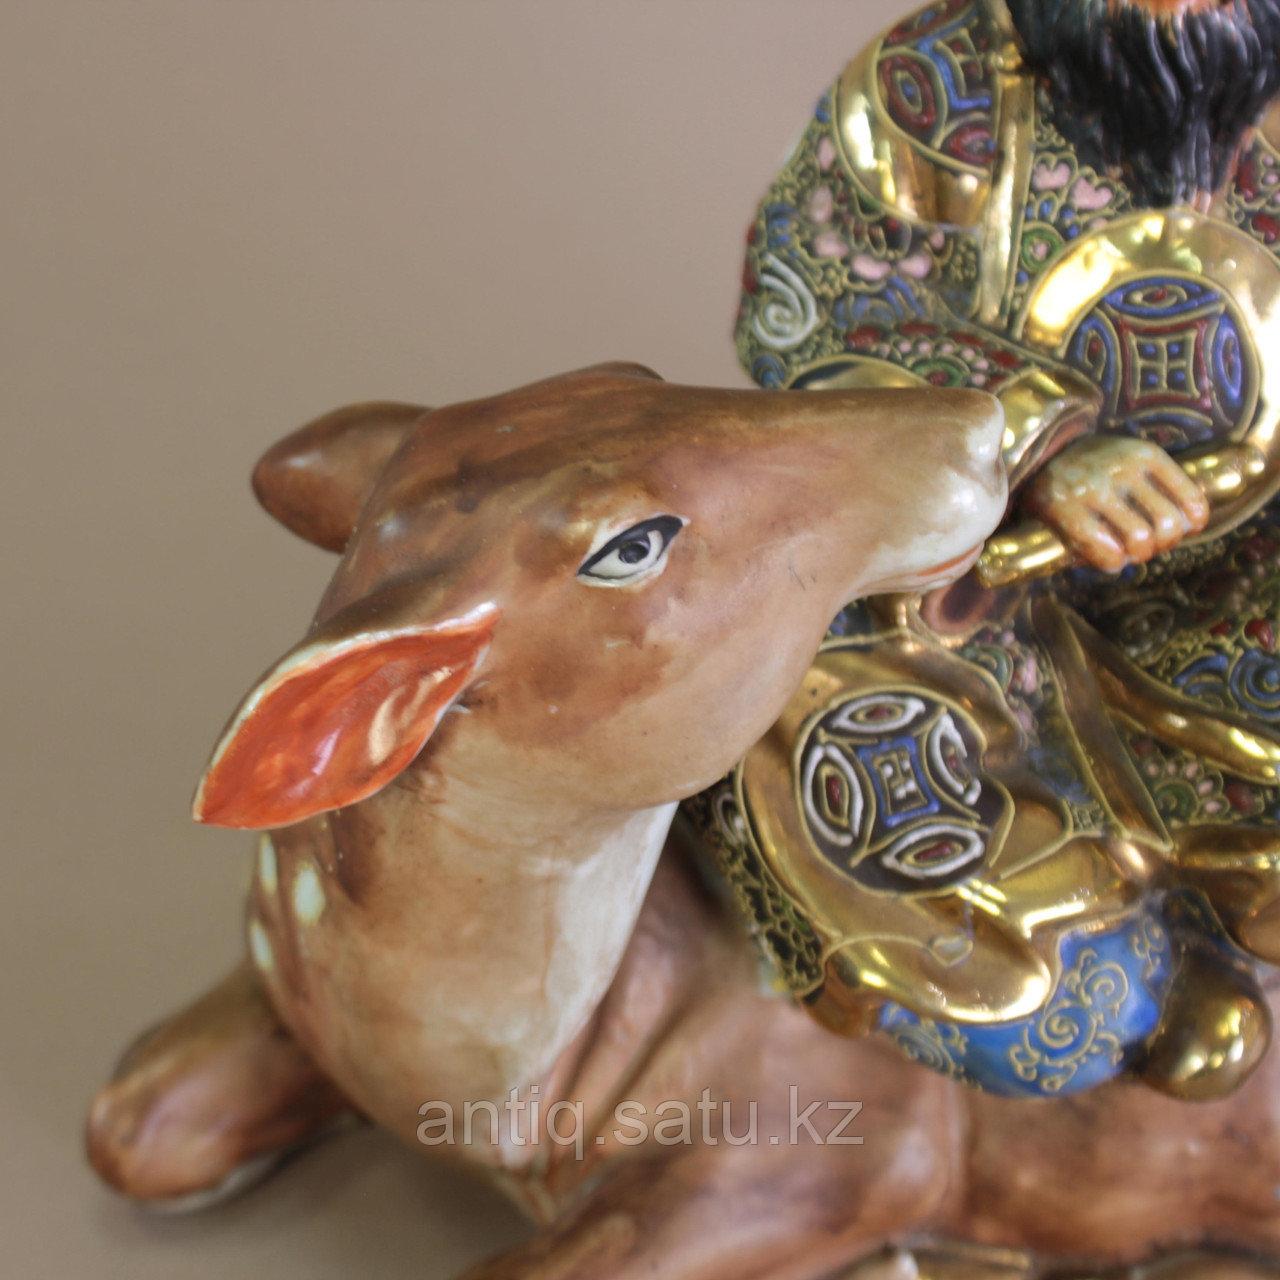 Дзюродзин на олене Япония. Начало ХХ века - фото 4